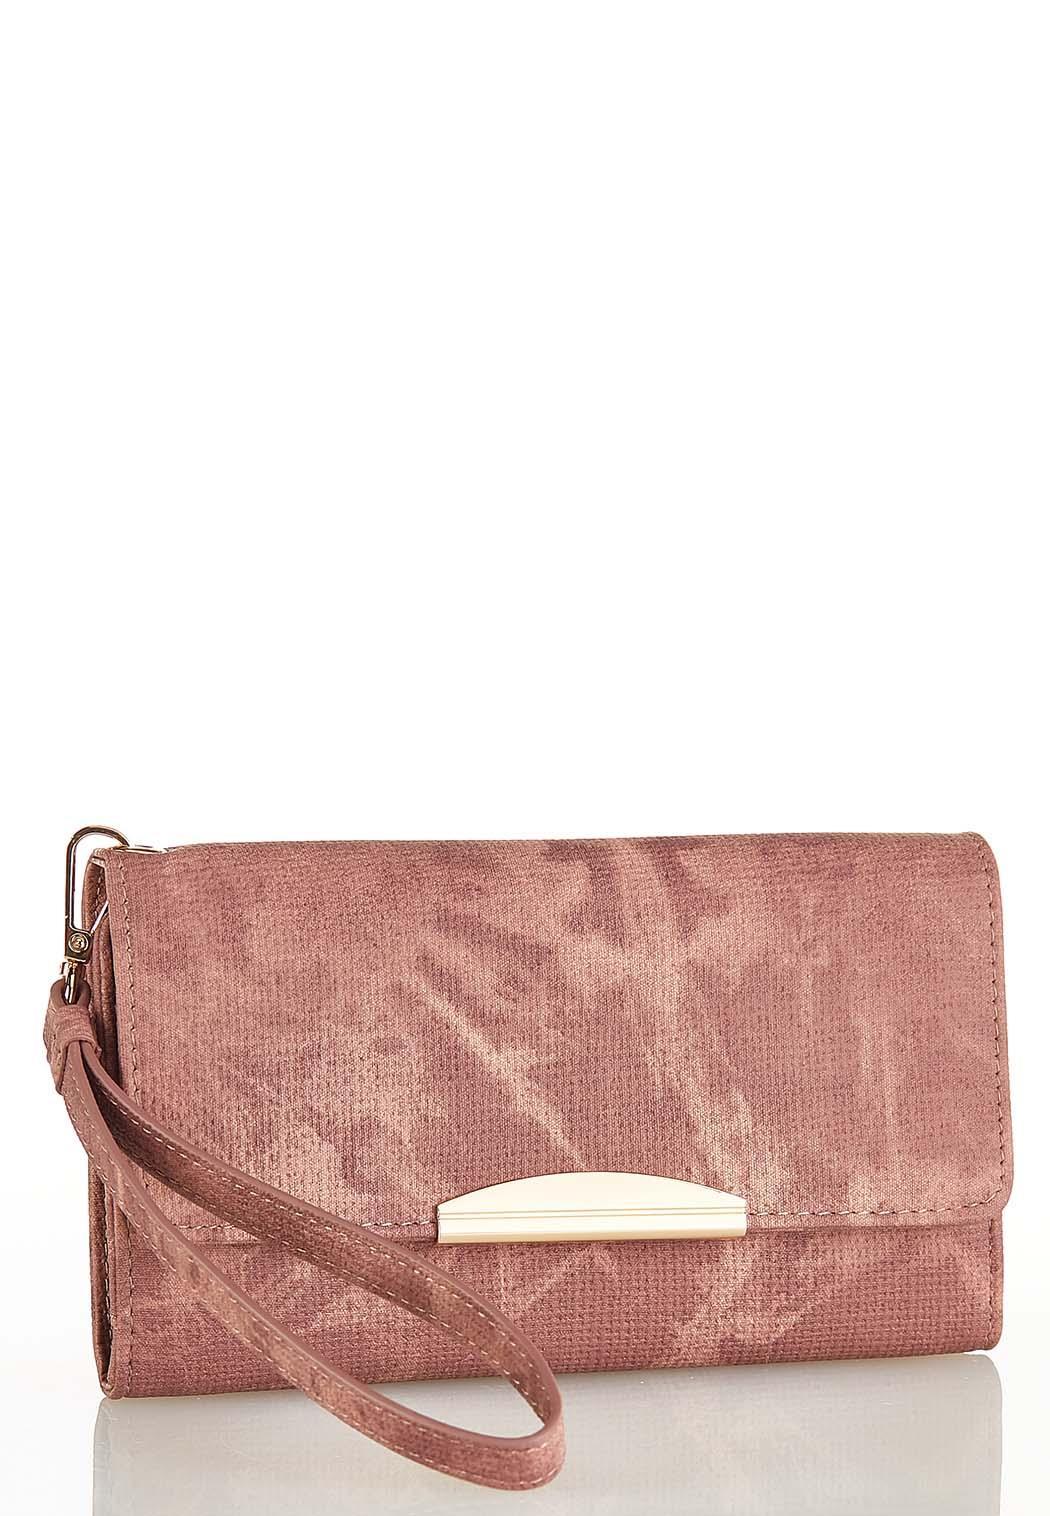 Tie Dye Wristlet Wallet